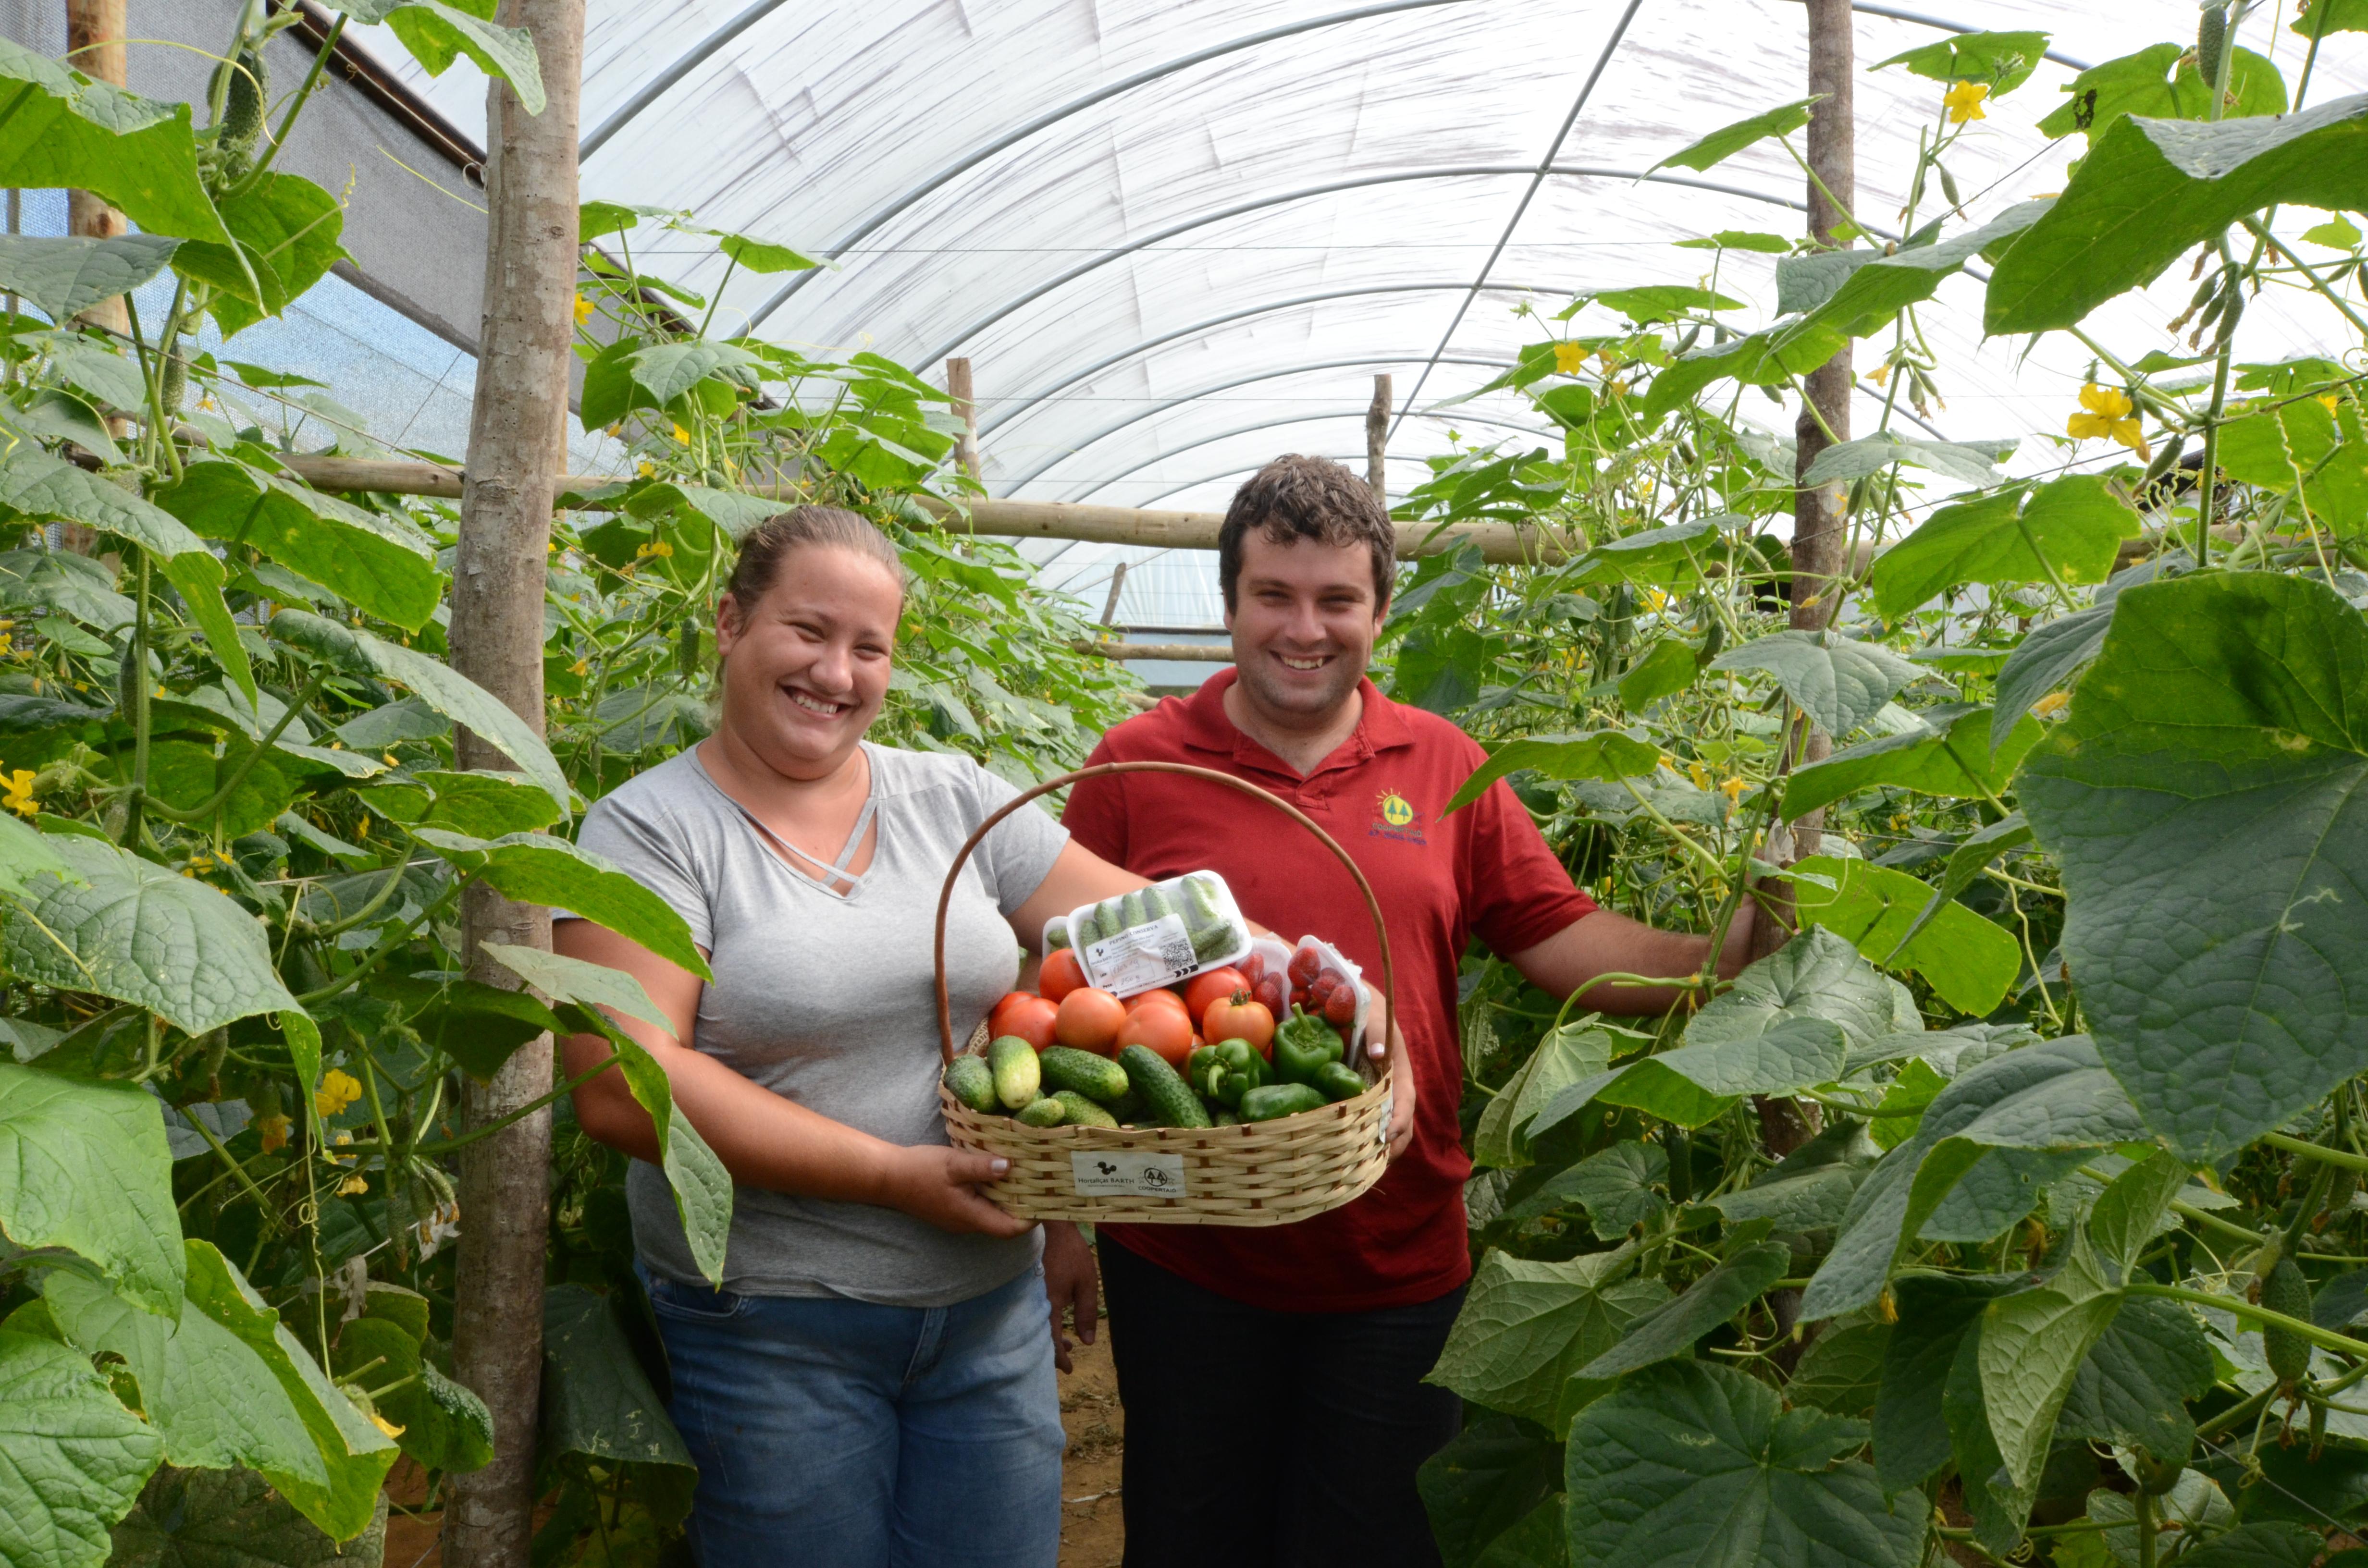 Produção de hortaliças em abrigo mantém jovem rural na propriedade